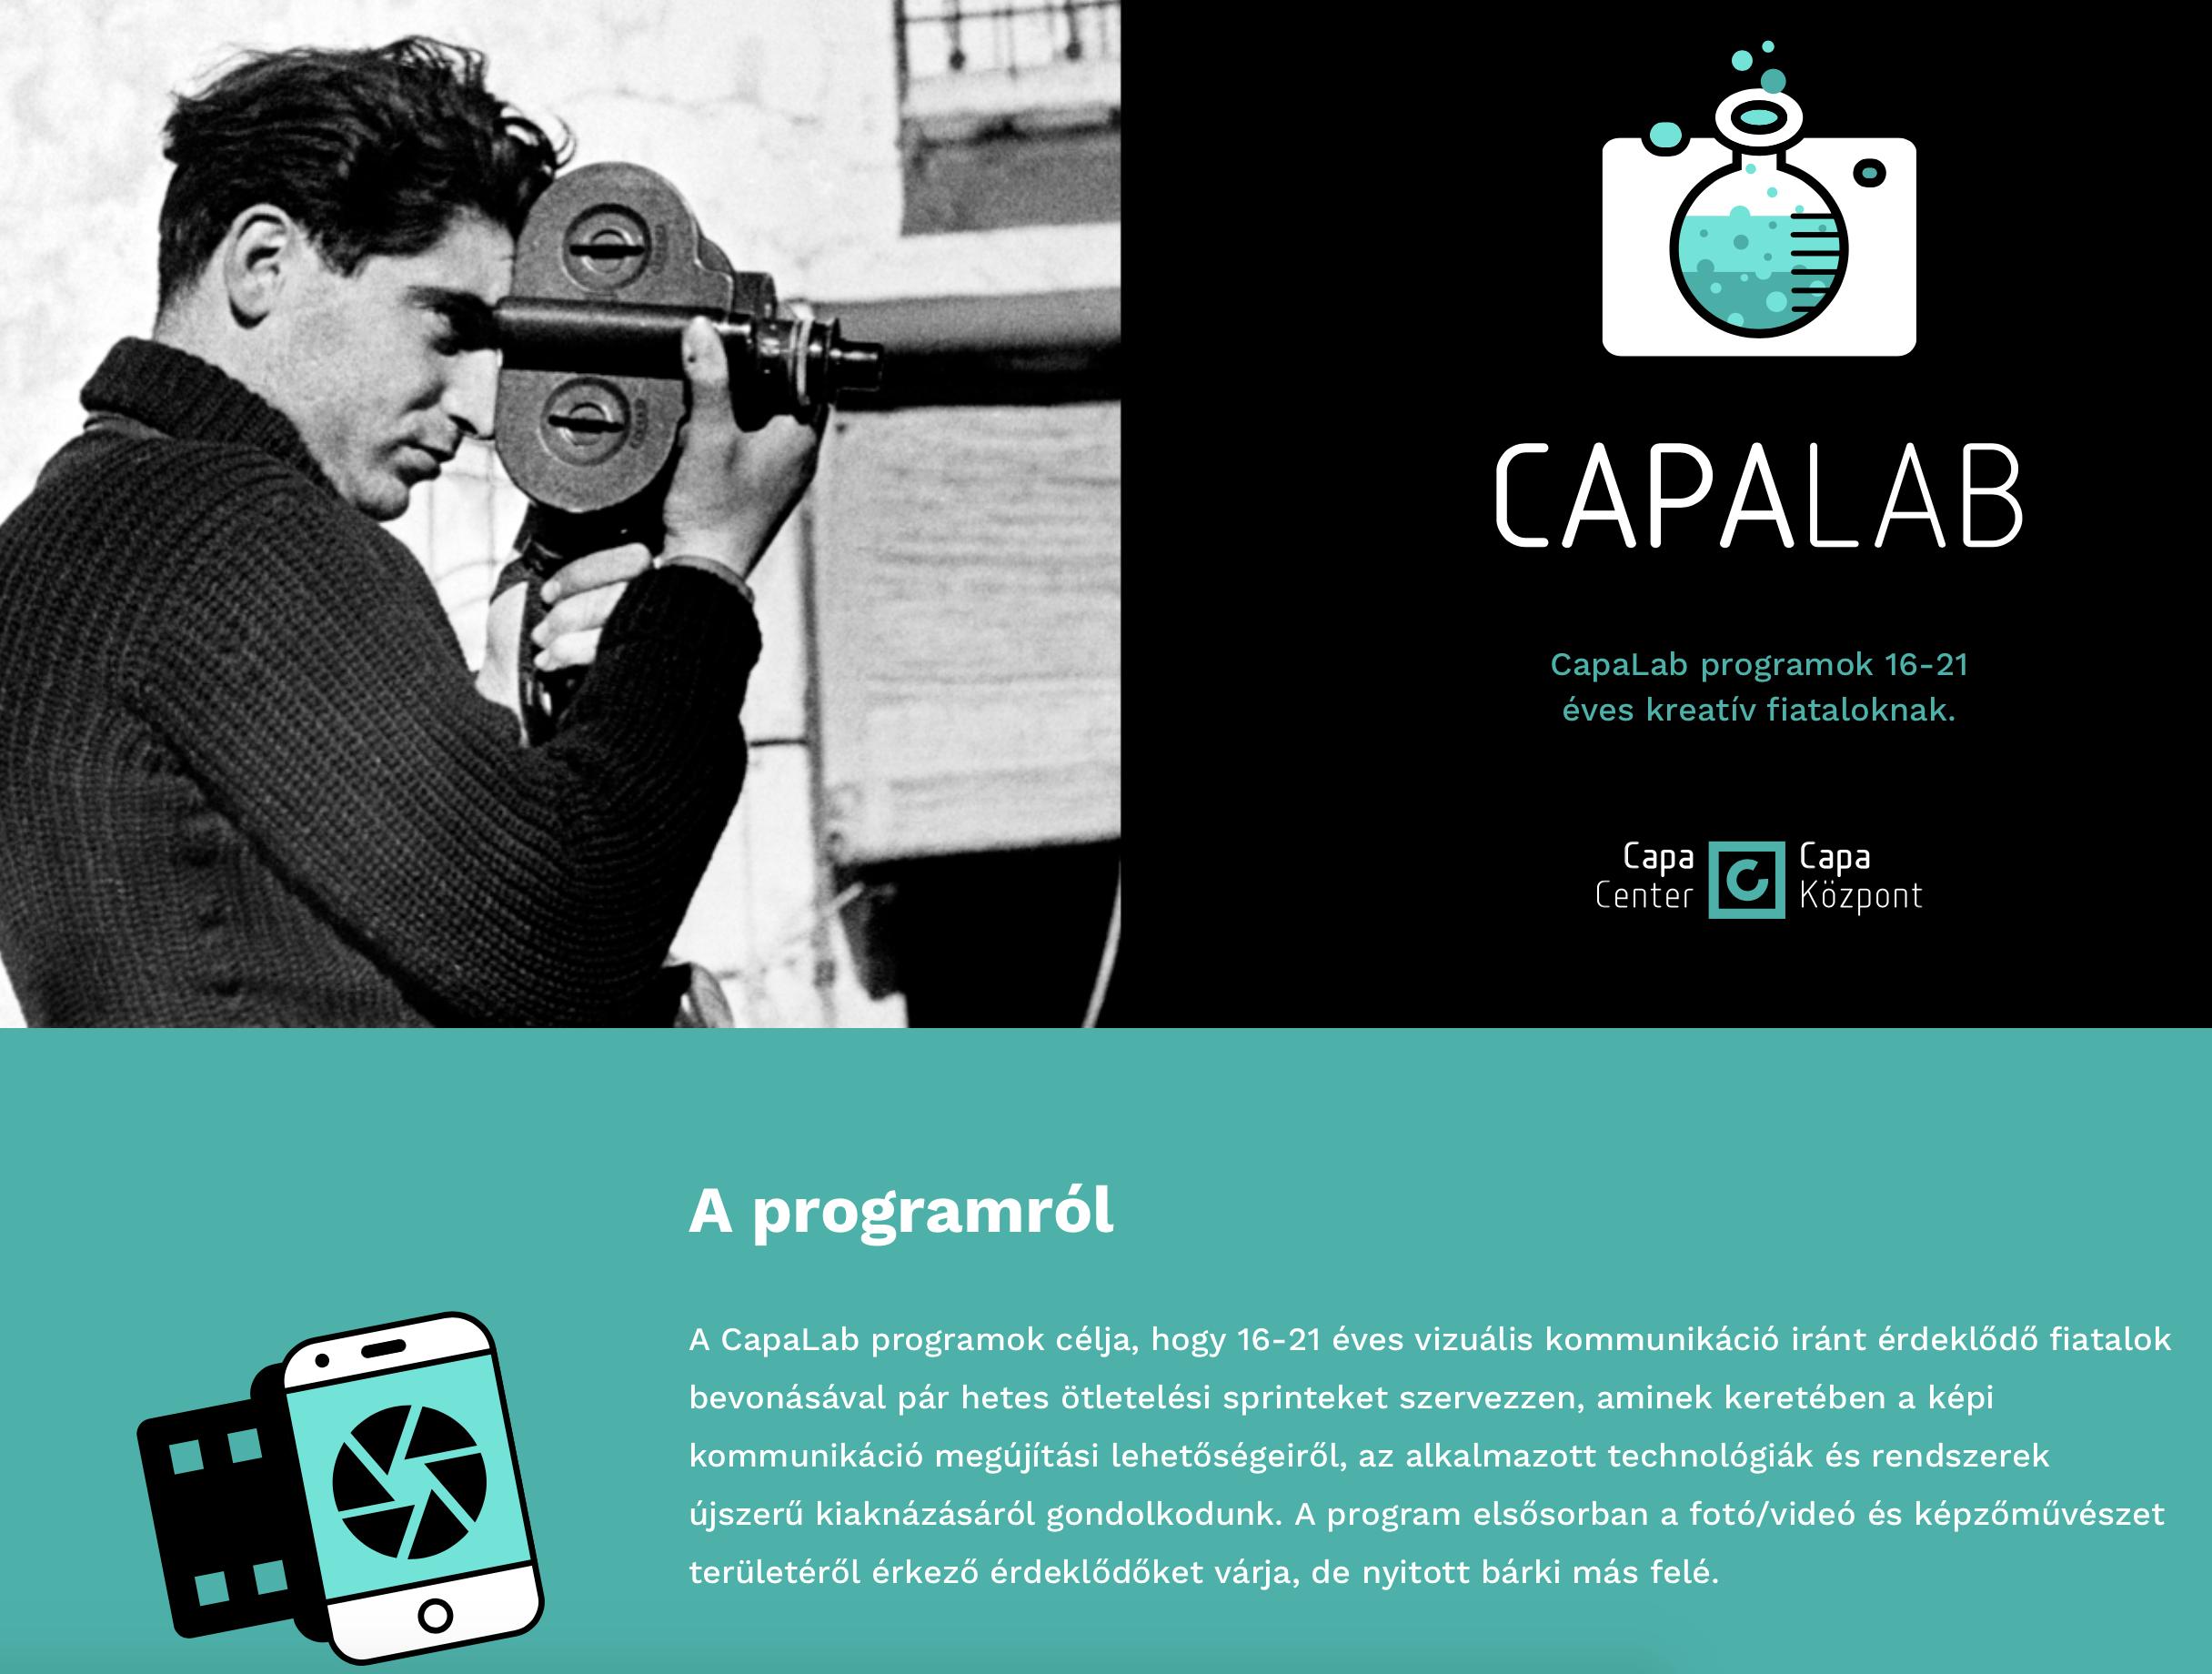 capalabs-capakozpont.png